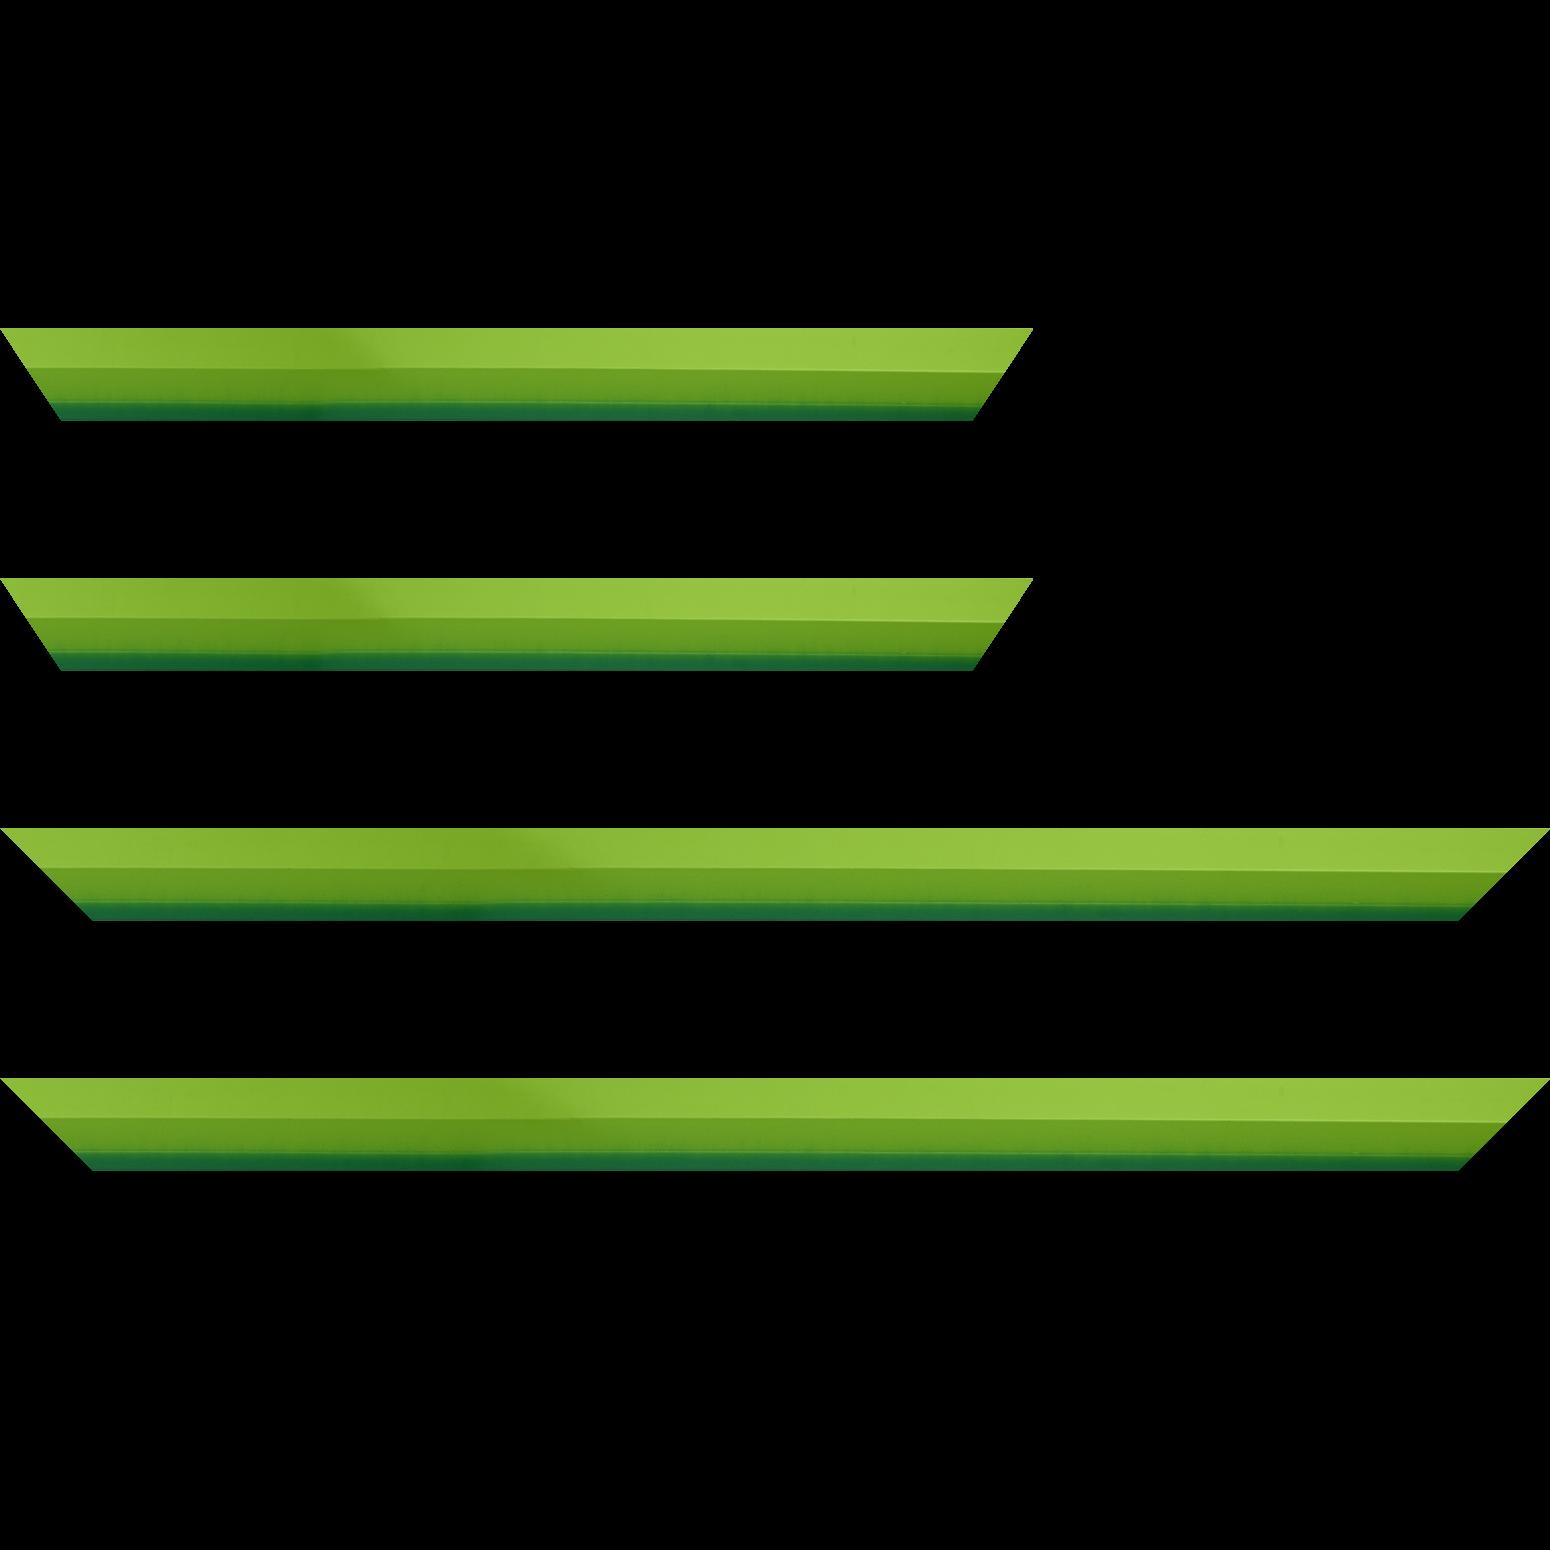 Baguette service précoupé Bois profil plat 3 faces largeur 2.8cm de couleur vert tendre mat , nez intérieur vert foncé mat dégradé (finition pore bouché)